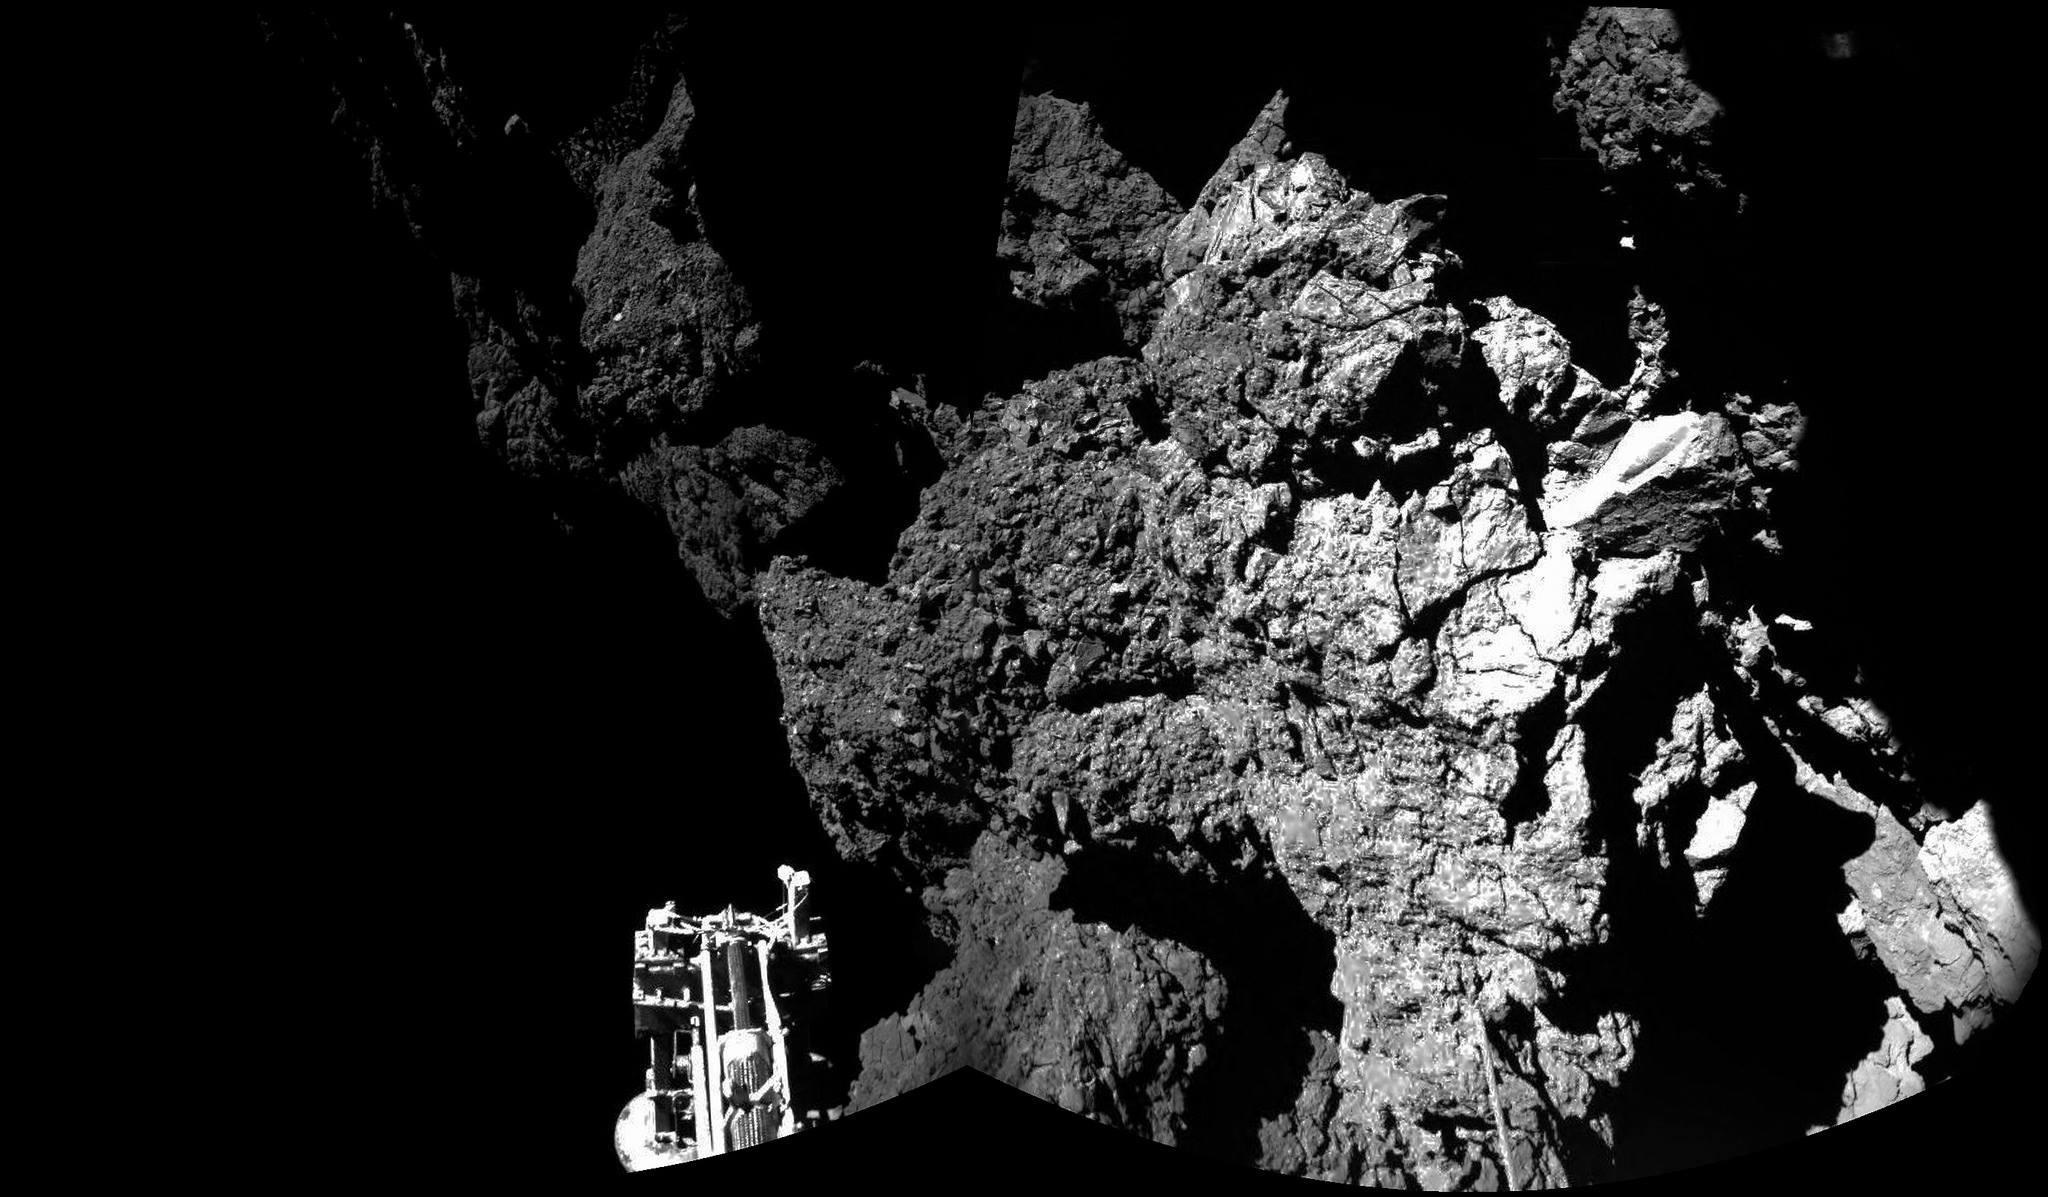 Missione Rosetta: il rover Philae è veramente compromesso o la missione può proseguire? - Immagine ESA